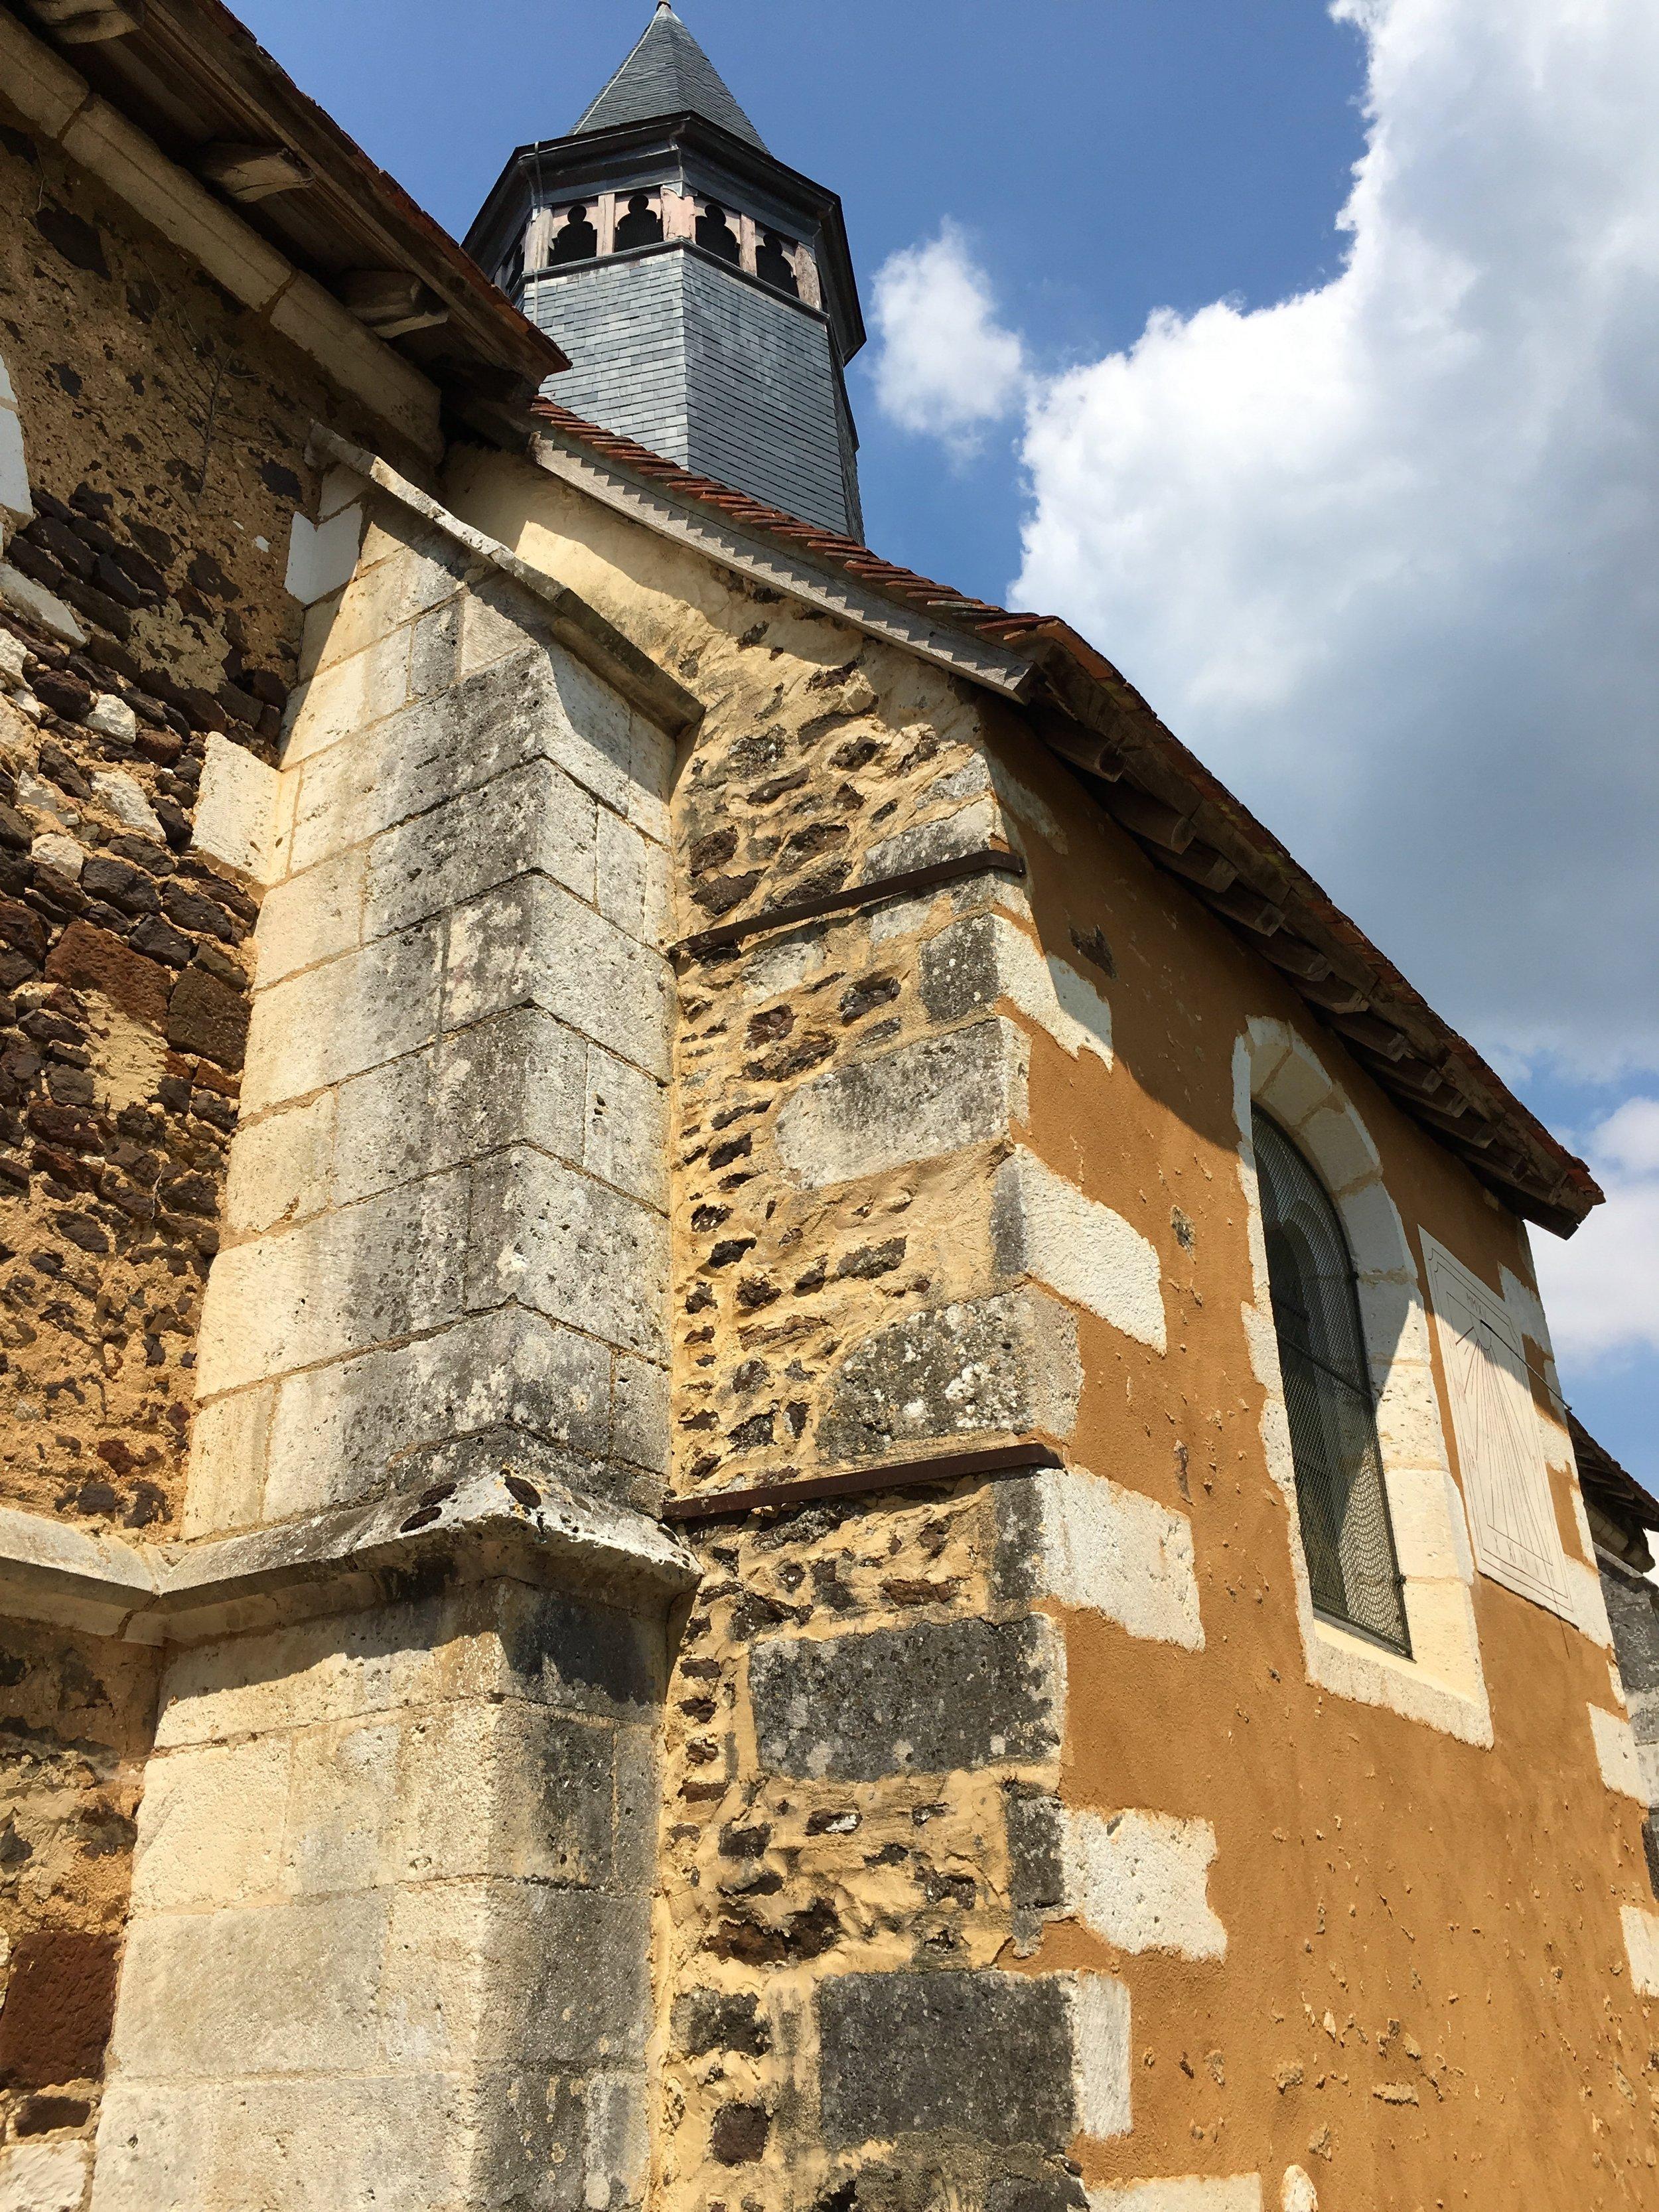 The exterior of Eglise St. Pierre, Moutiers-en-Puisaye (photograph J. Cook)